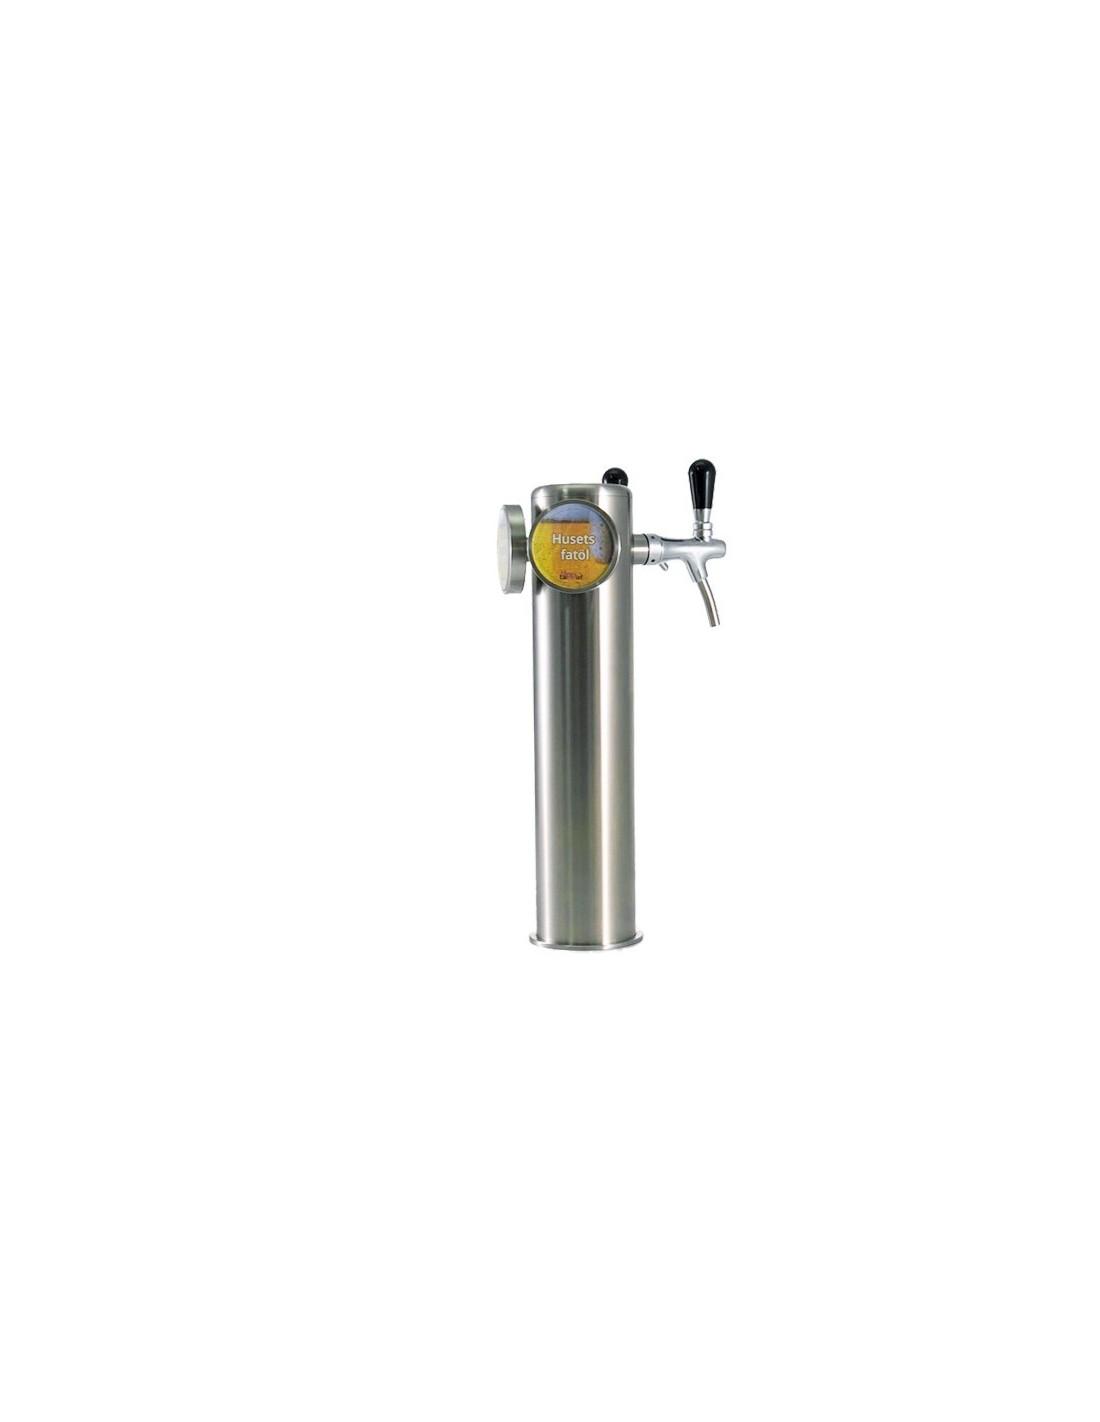 UPP00163 - Tapptorn komplett - Tapptorn Balder med 2 tappkranar med kompensator och belysning